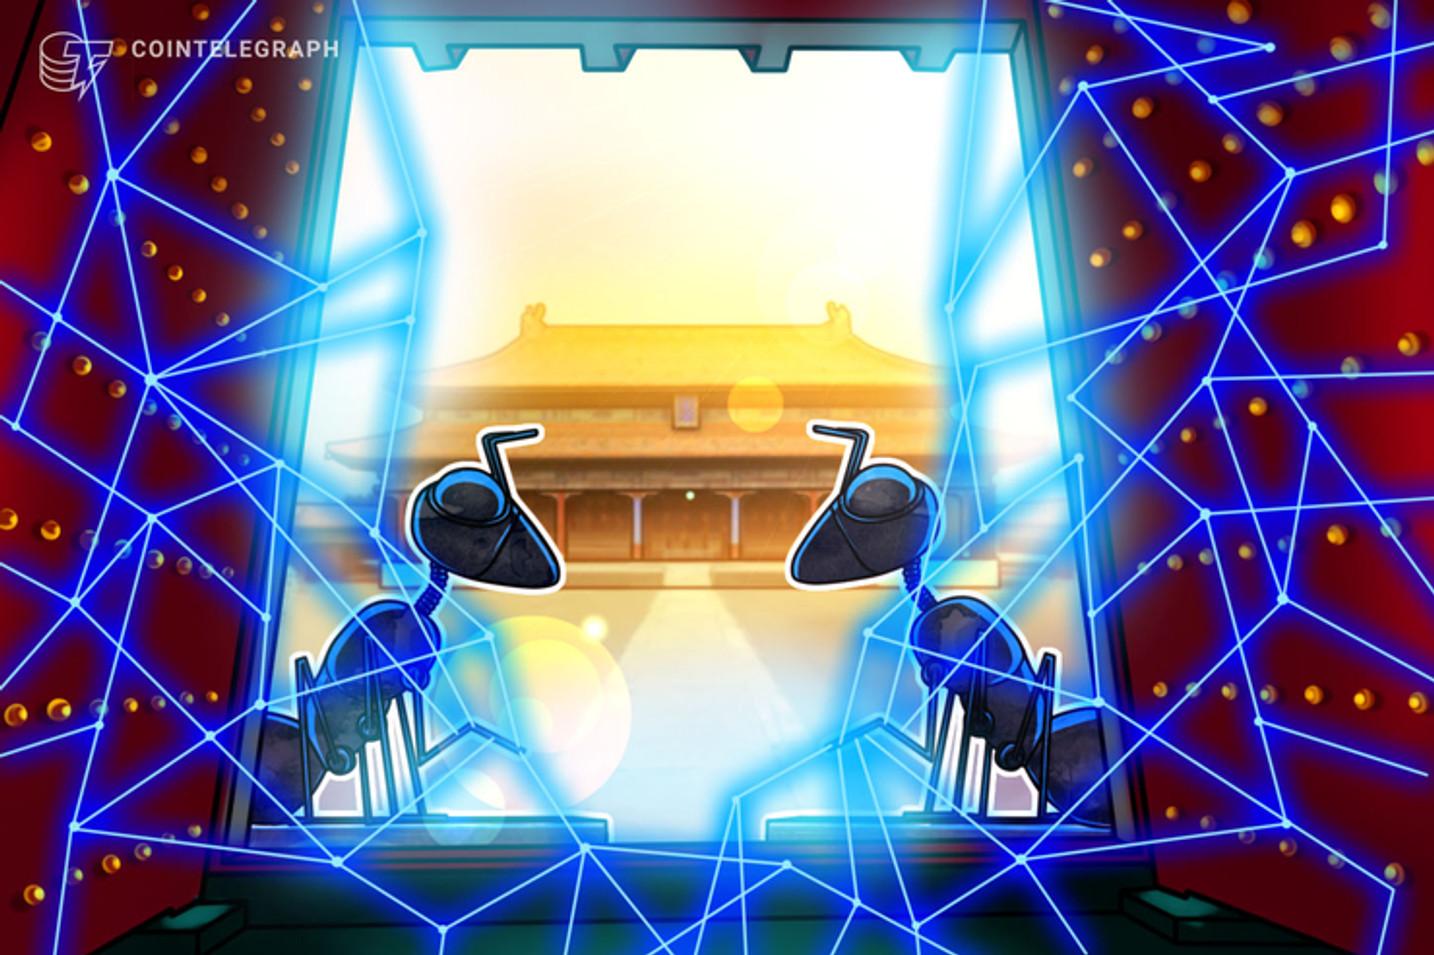 ¿Cómo seguirá China el plan de adopción de tecnología Blockchain propuesto por Xi Jinping?